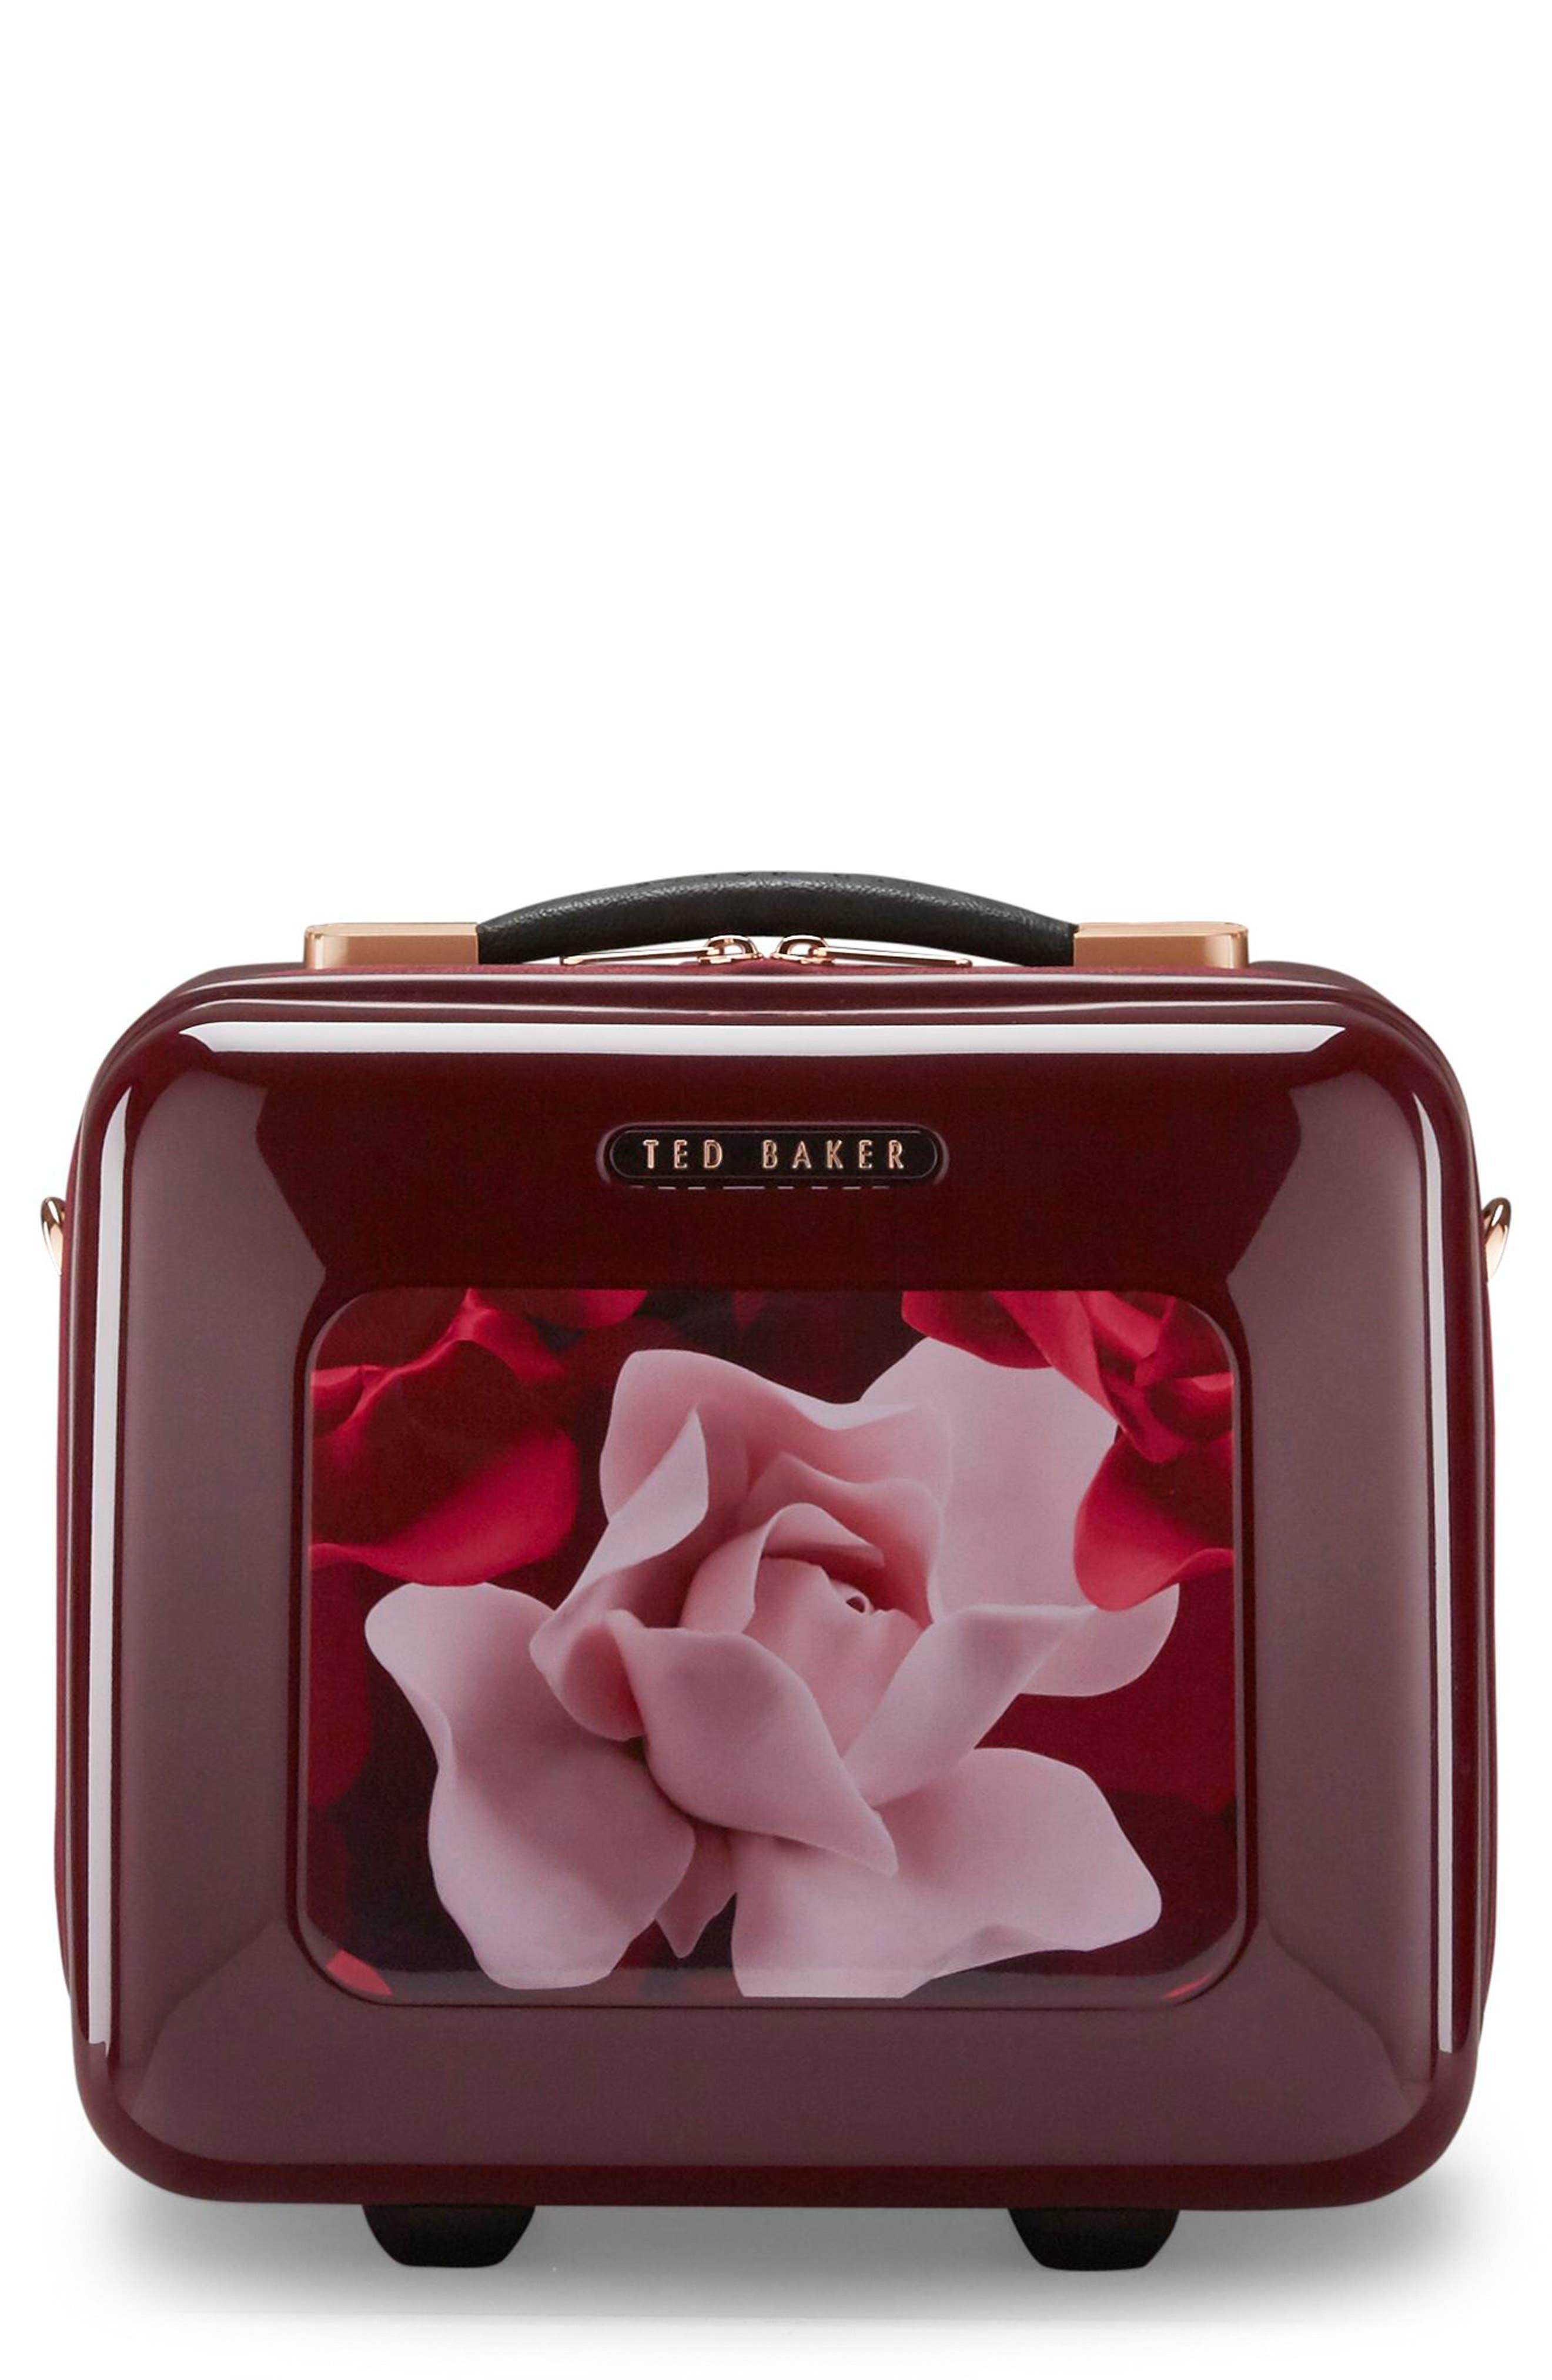 Porcelain Rose Vanity Case,                             Main thumbnail 1, color,                             930